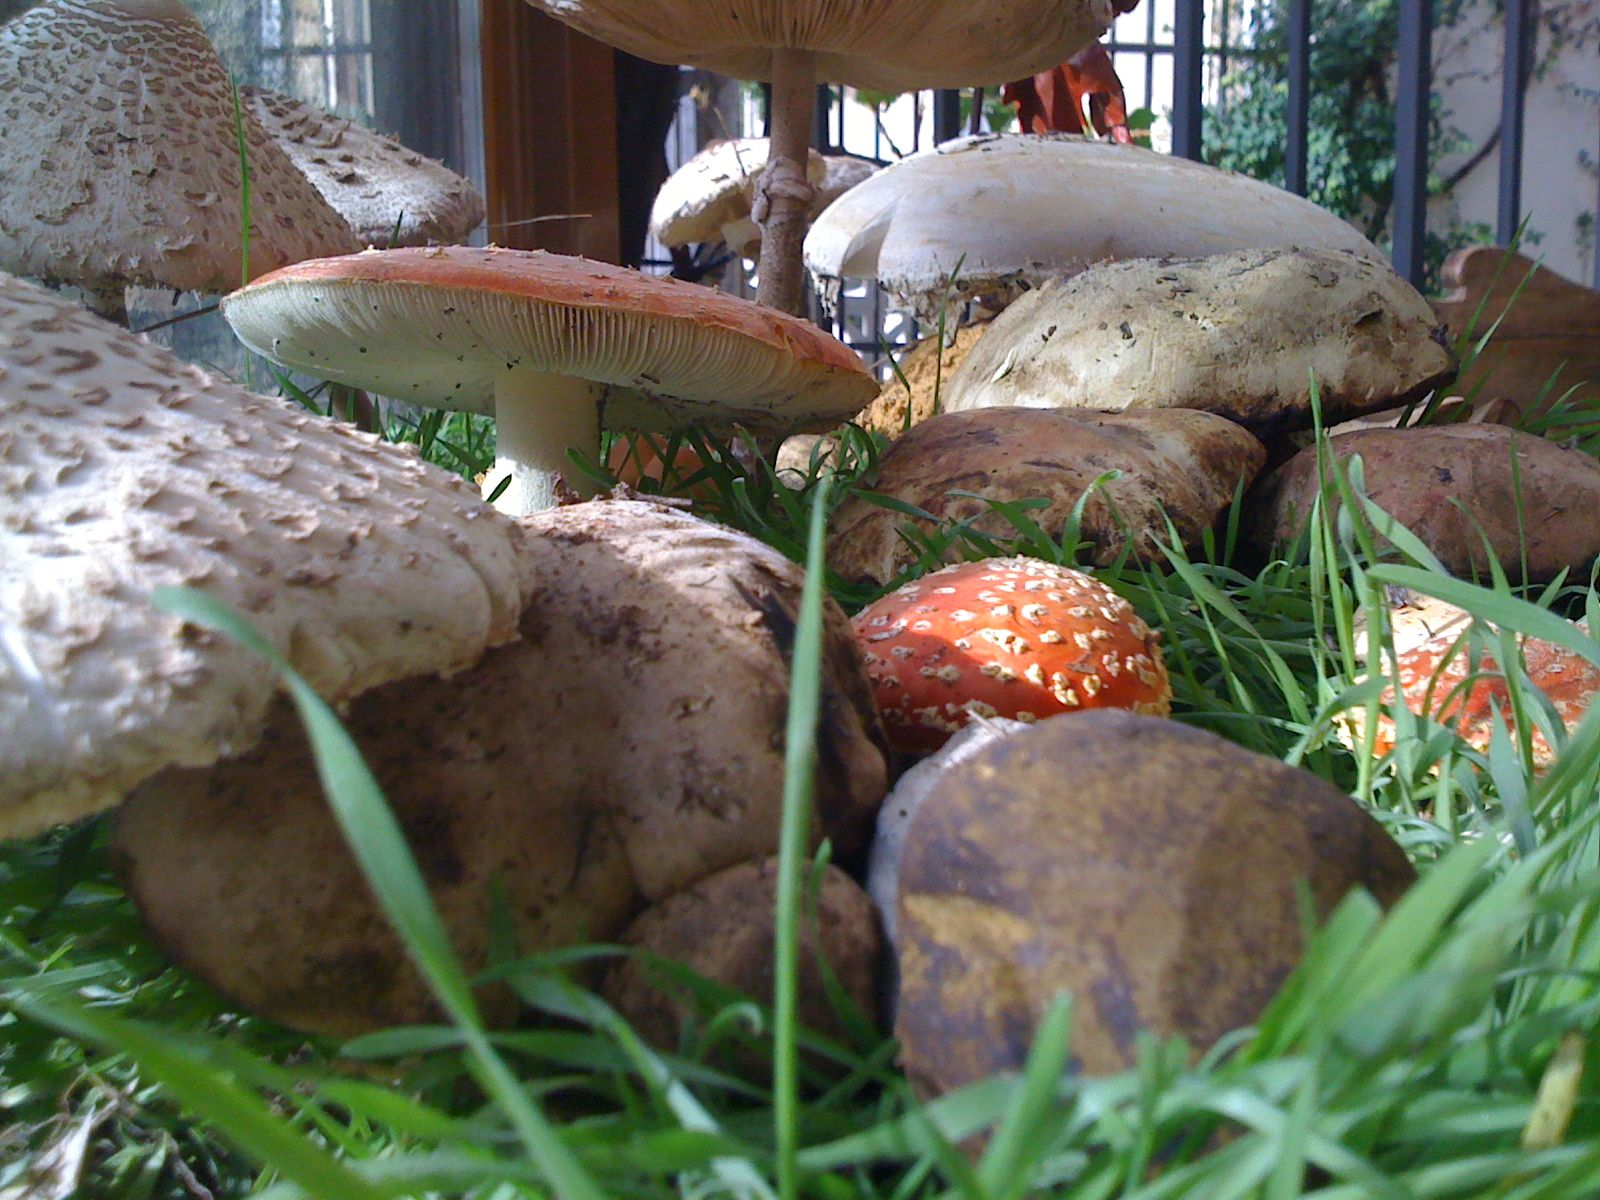 Exposición de hongos en el Restaurante La Muralla, Cañete (Cuenca)